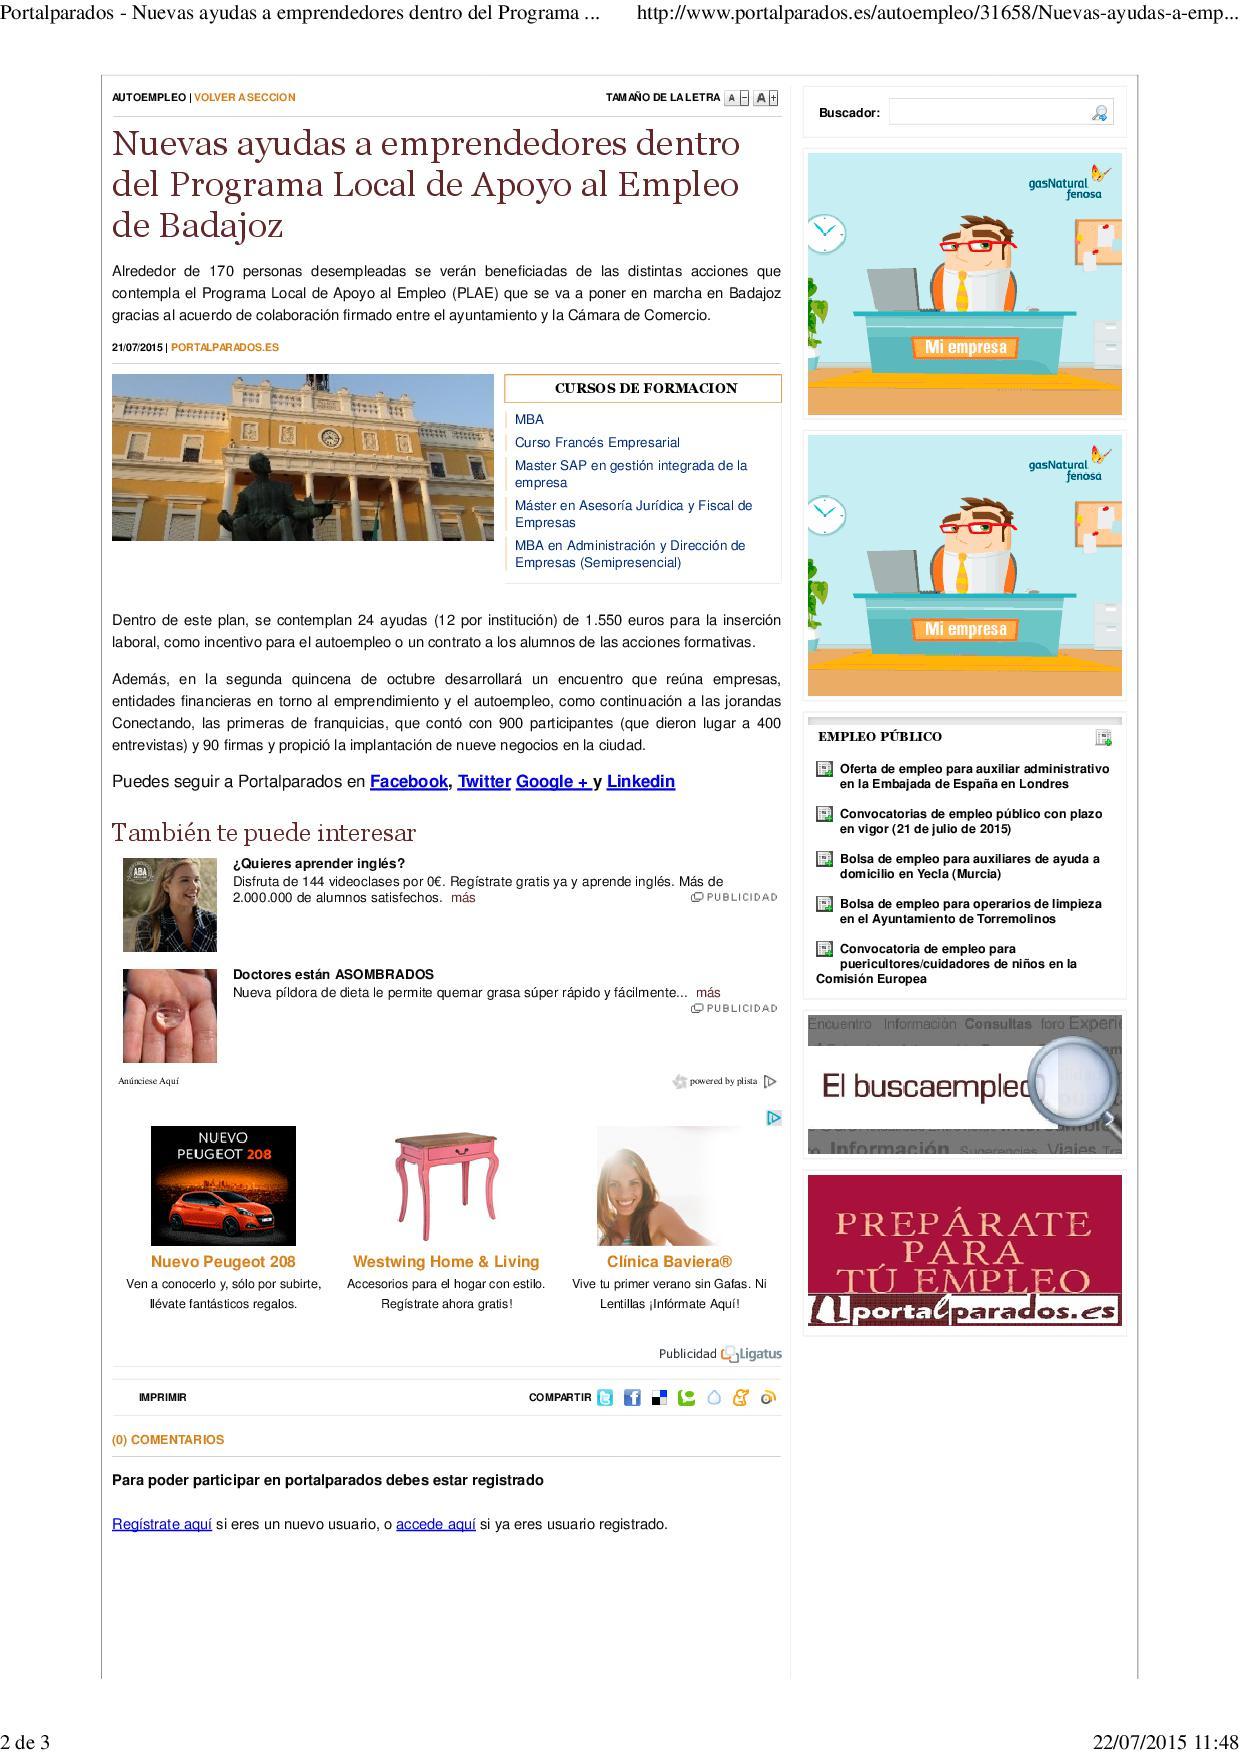 2015-07-21_portalparados_es